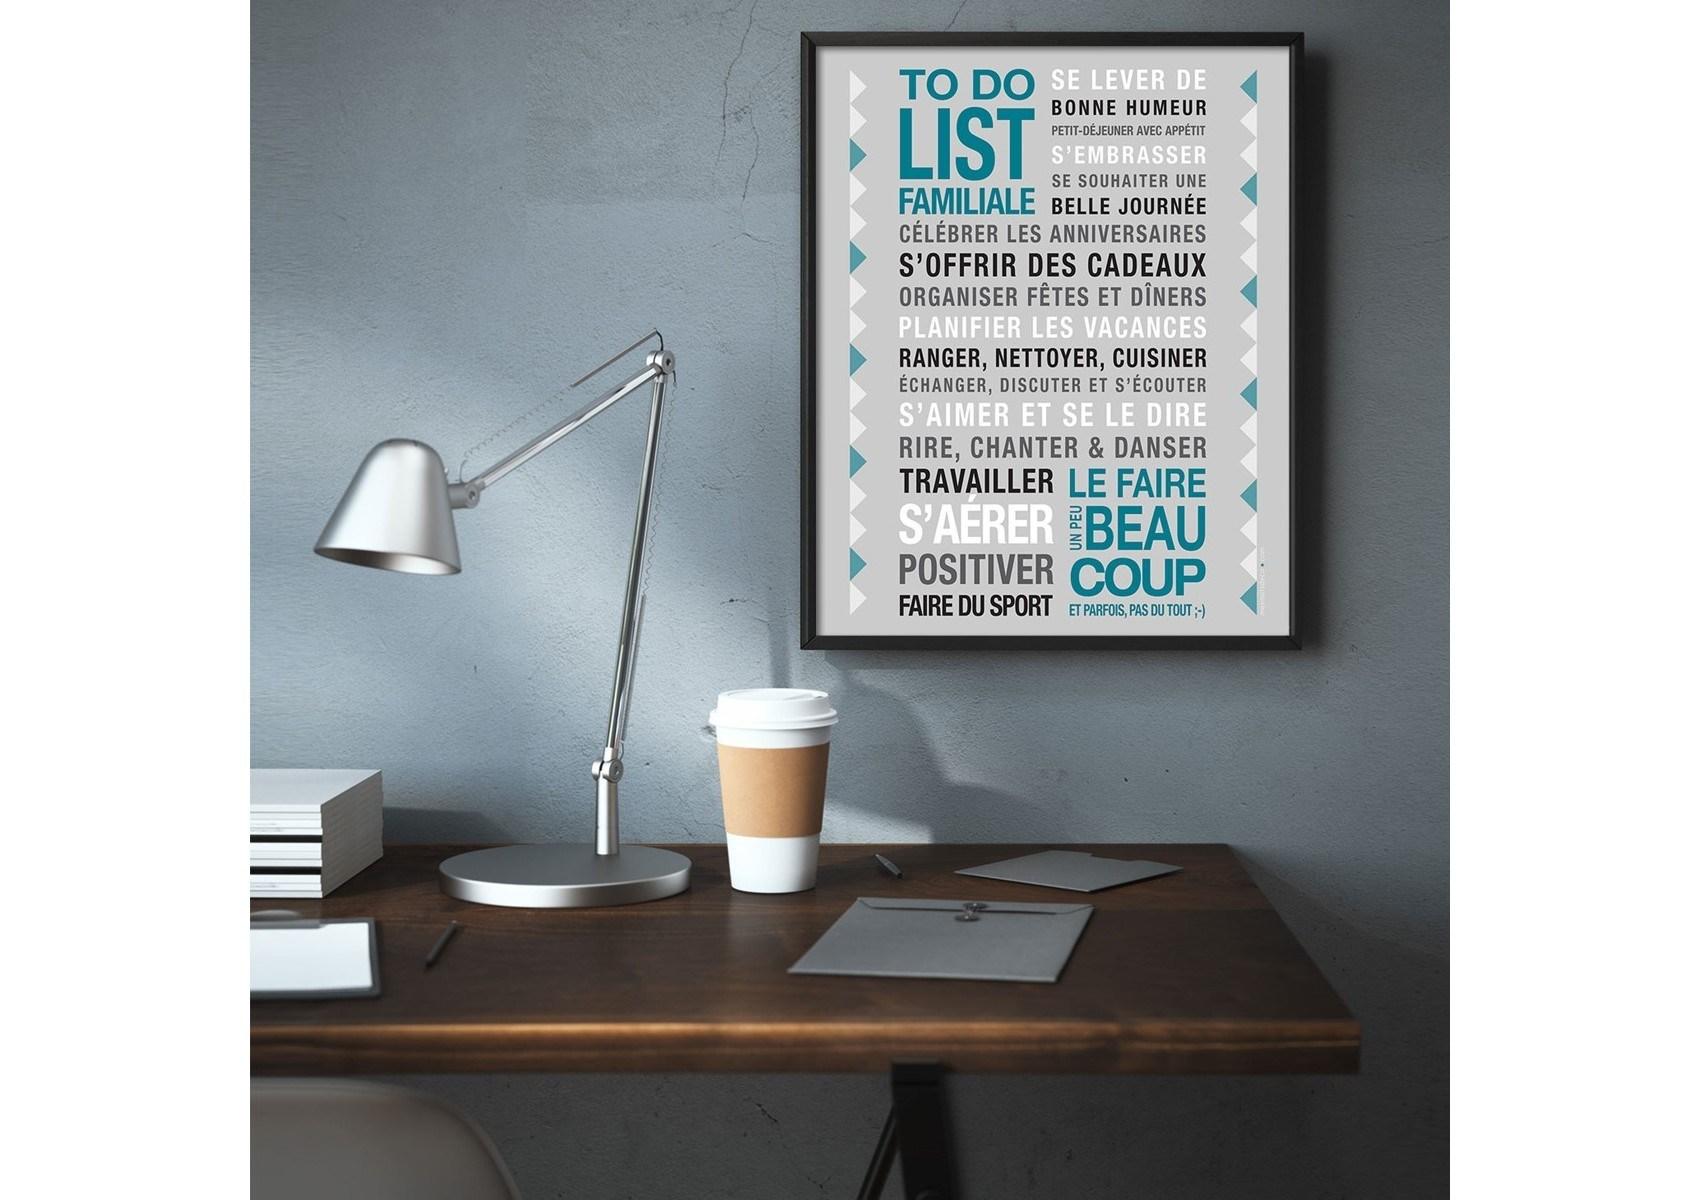 poster encadrer to do list gris 40 50 cm. Black Bedroom Furniture Sets. Home Design Ideas